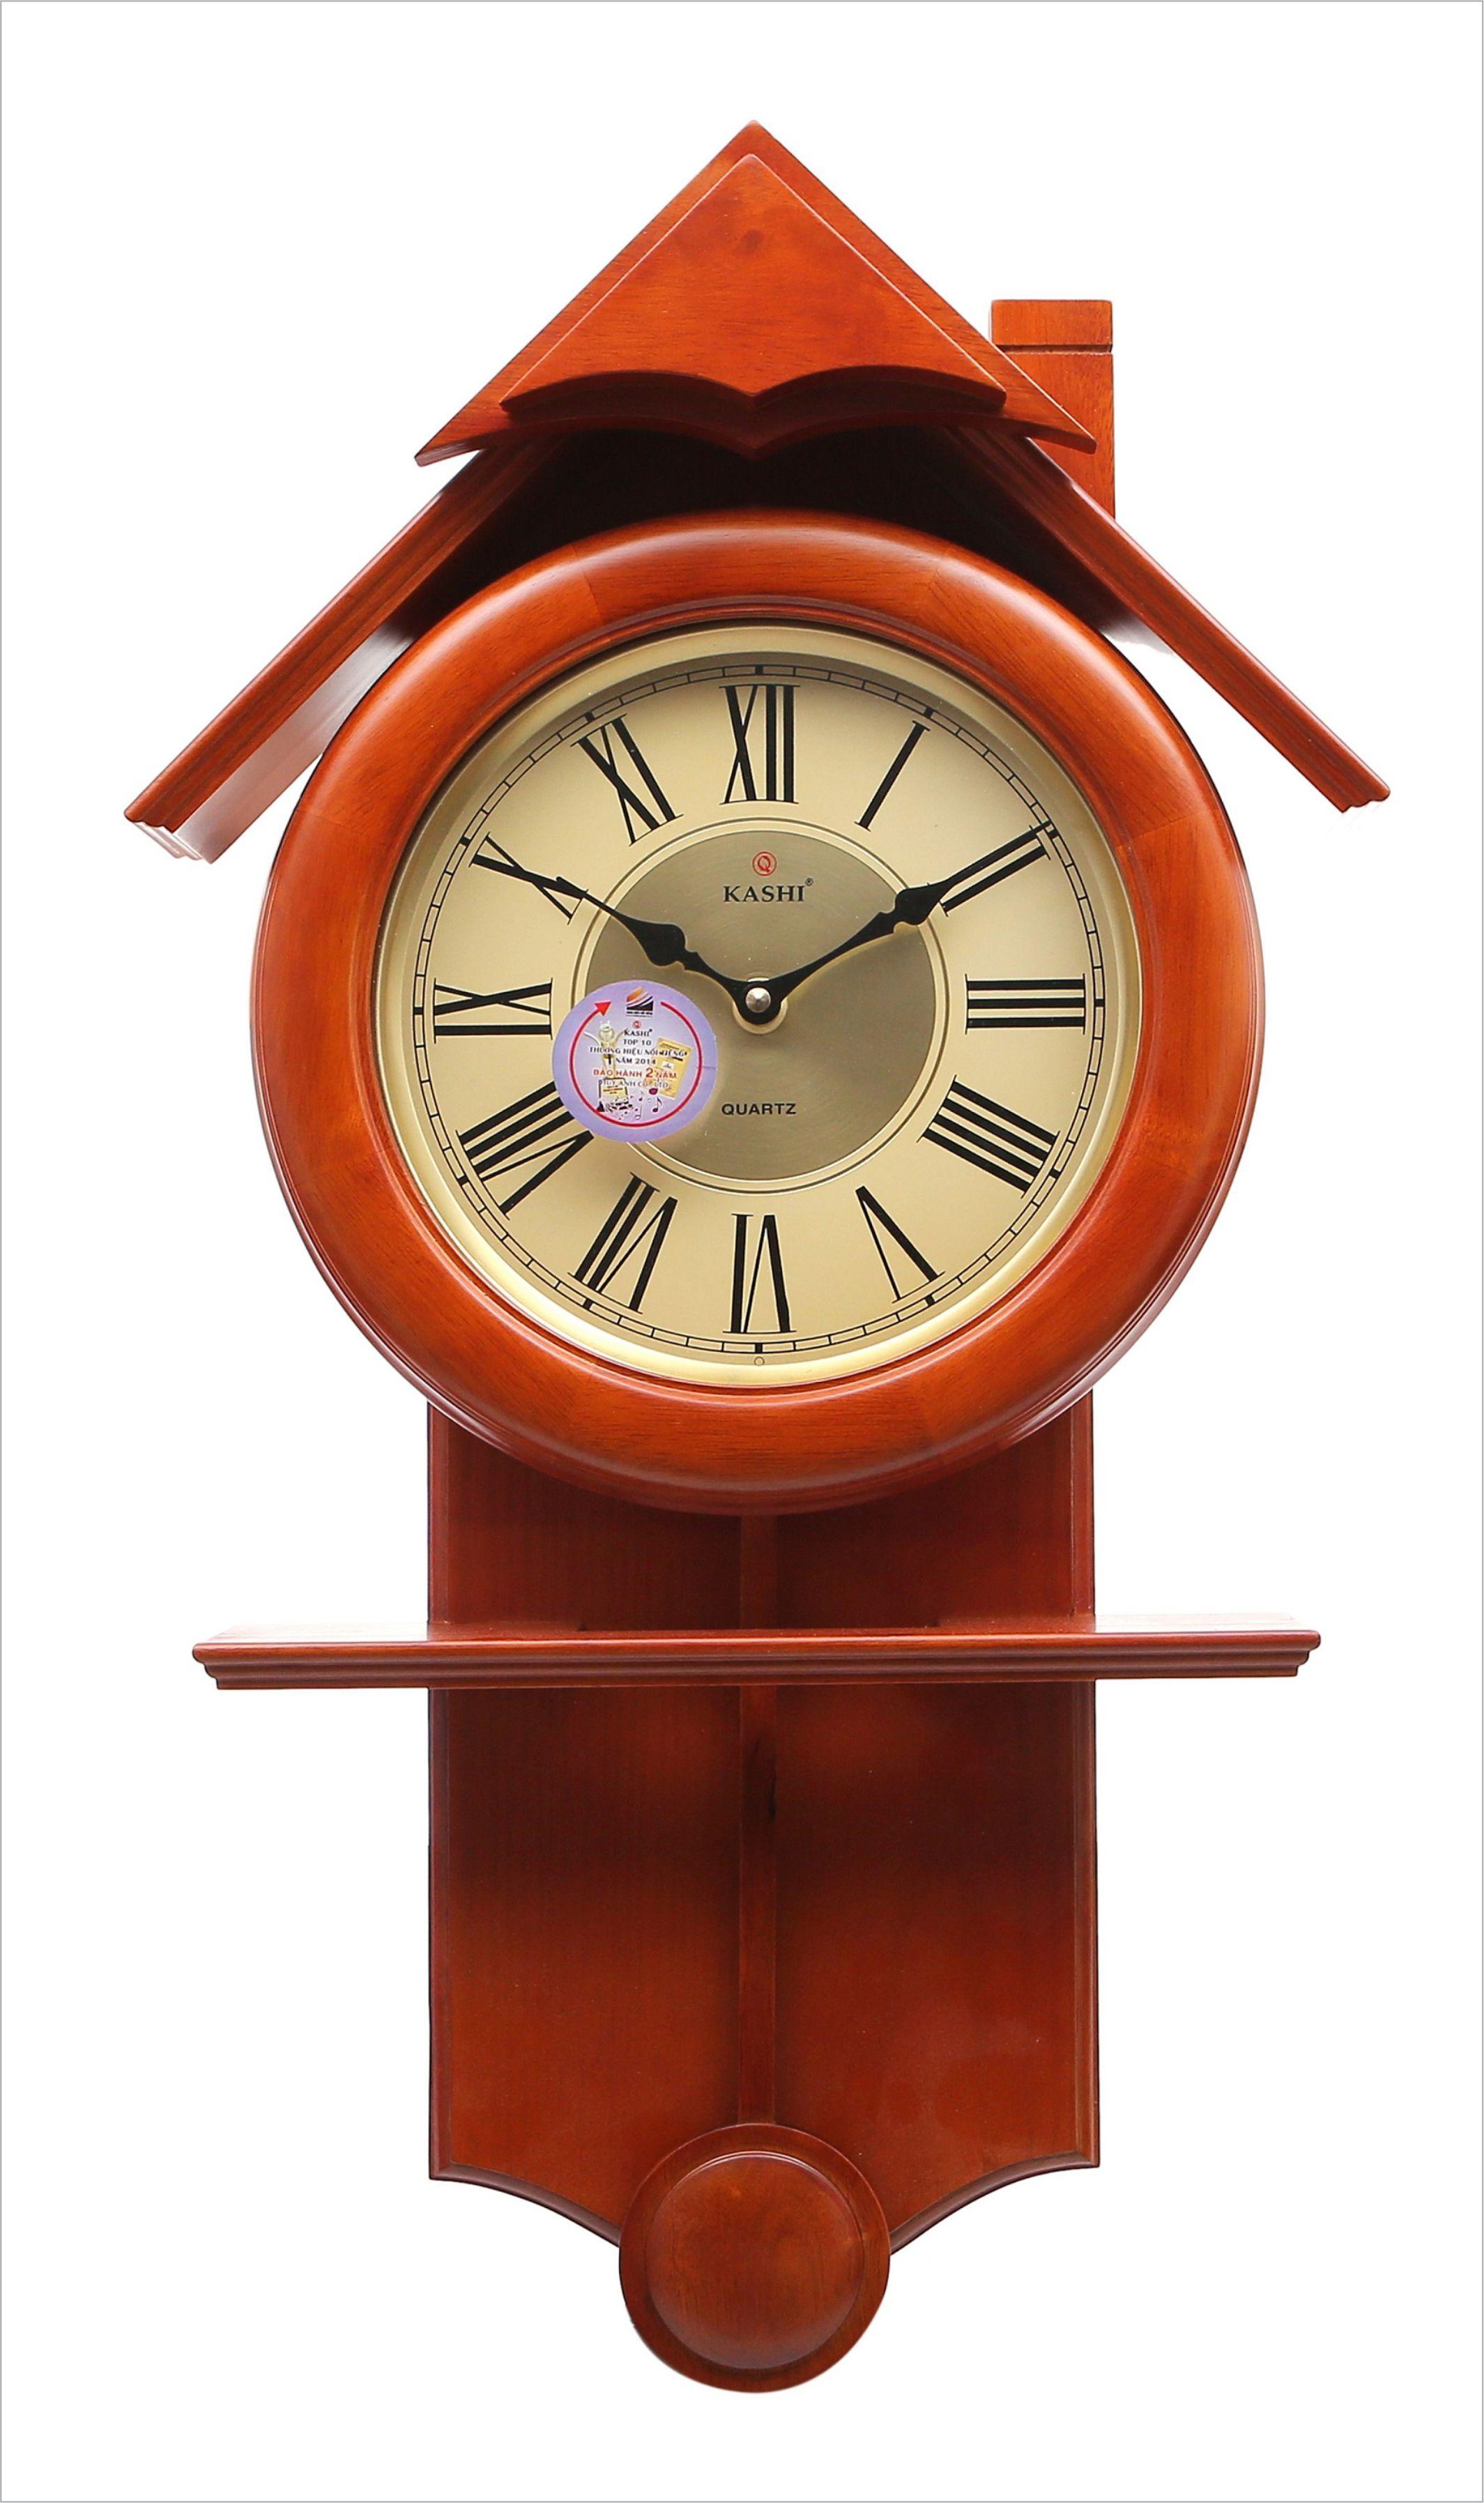 Đồng hồ treo tường quả lắc DHHM257 Nhạc Kashi 41 x 72.5cm